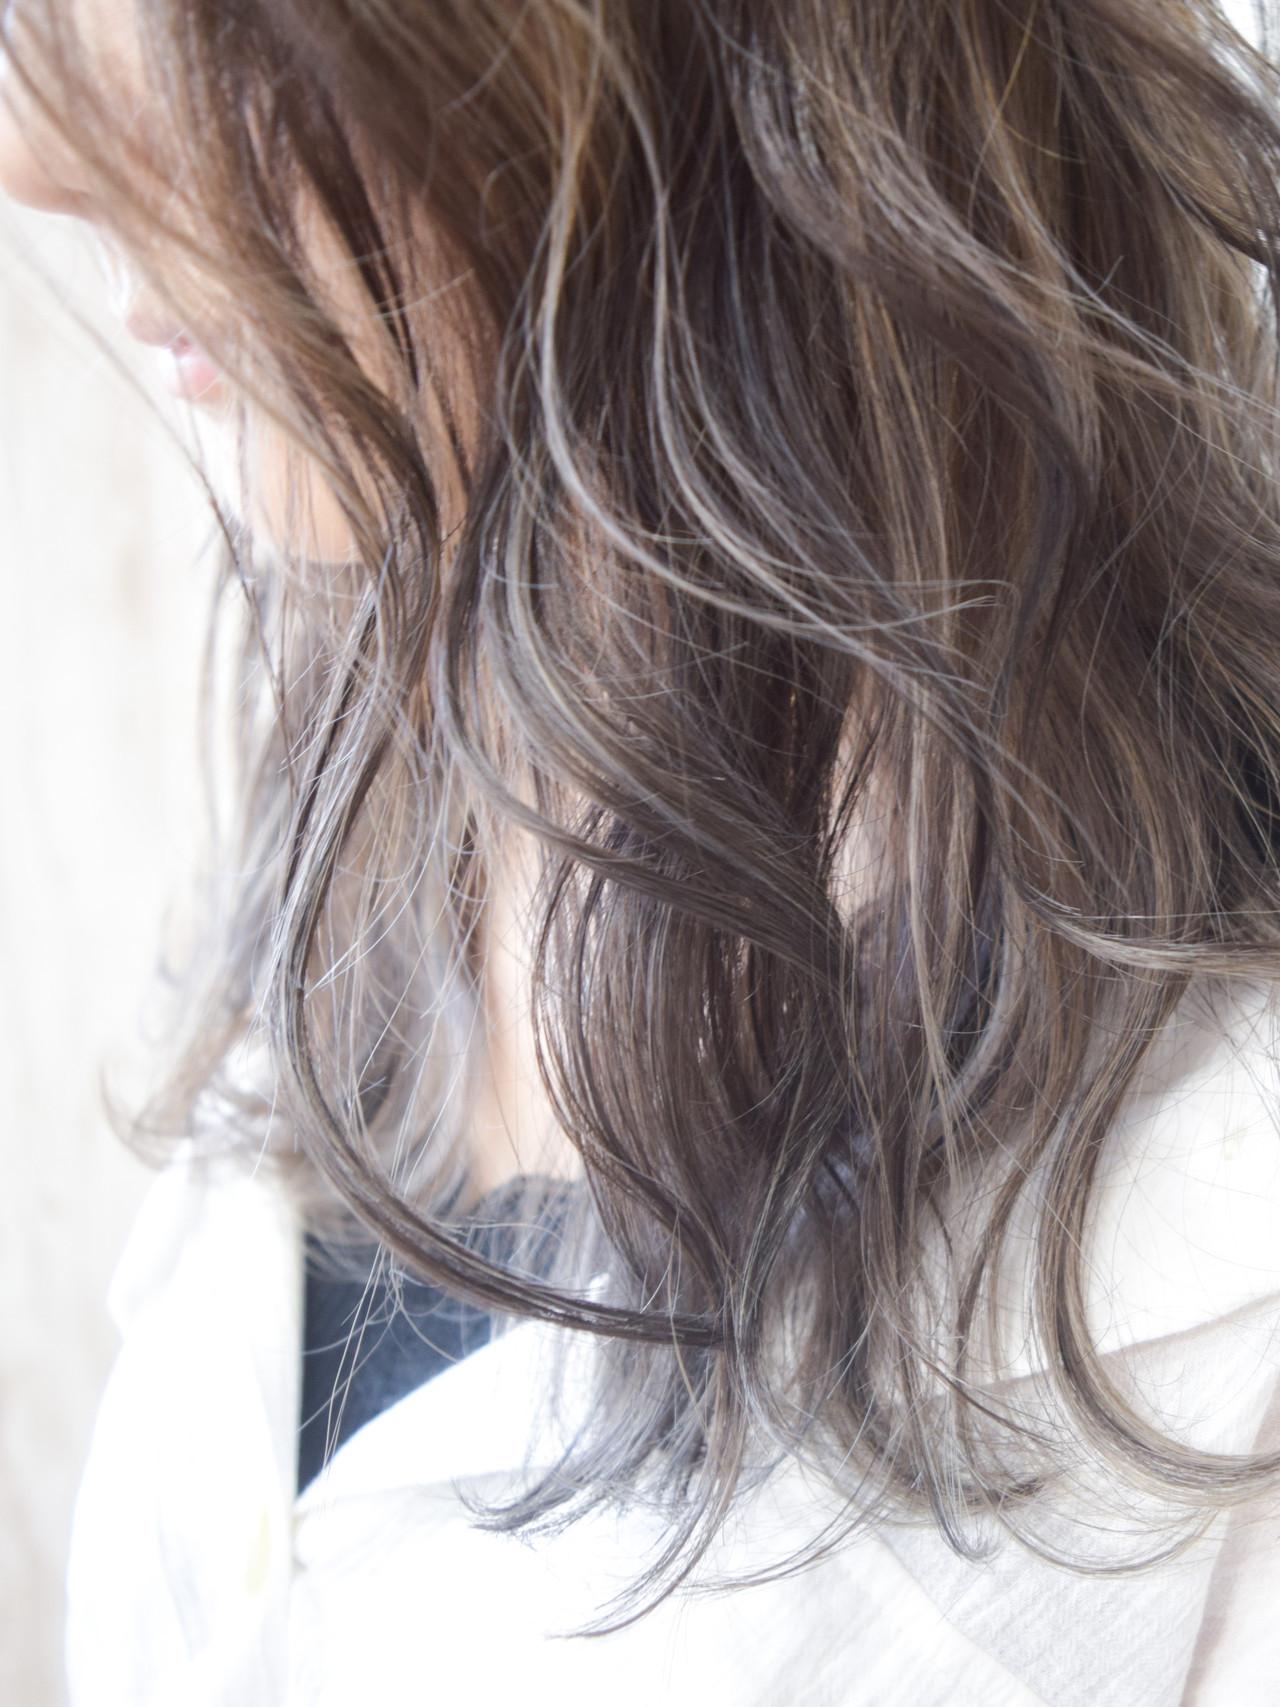 ナチュラル ホワイトハイライト コントラストハイライト ハイライト ヘアスタイルや髪型の写真・画像